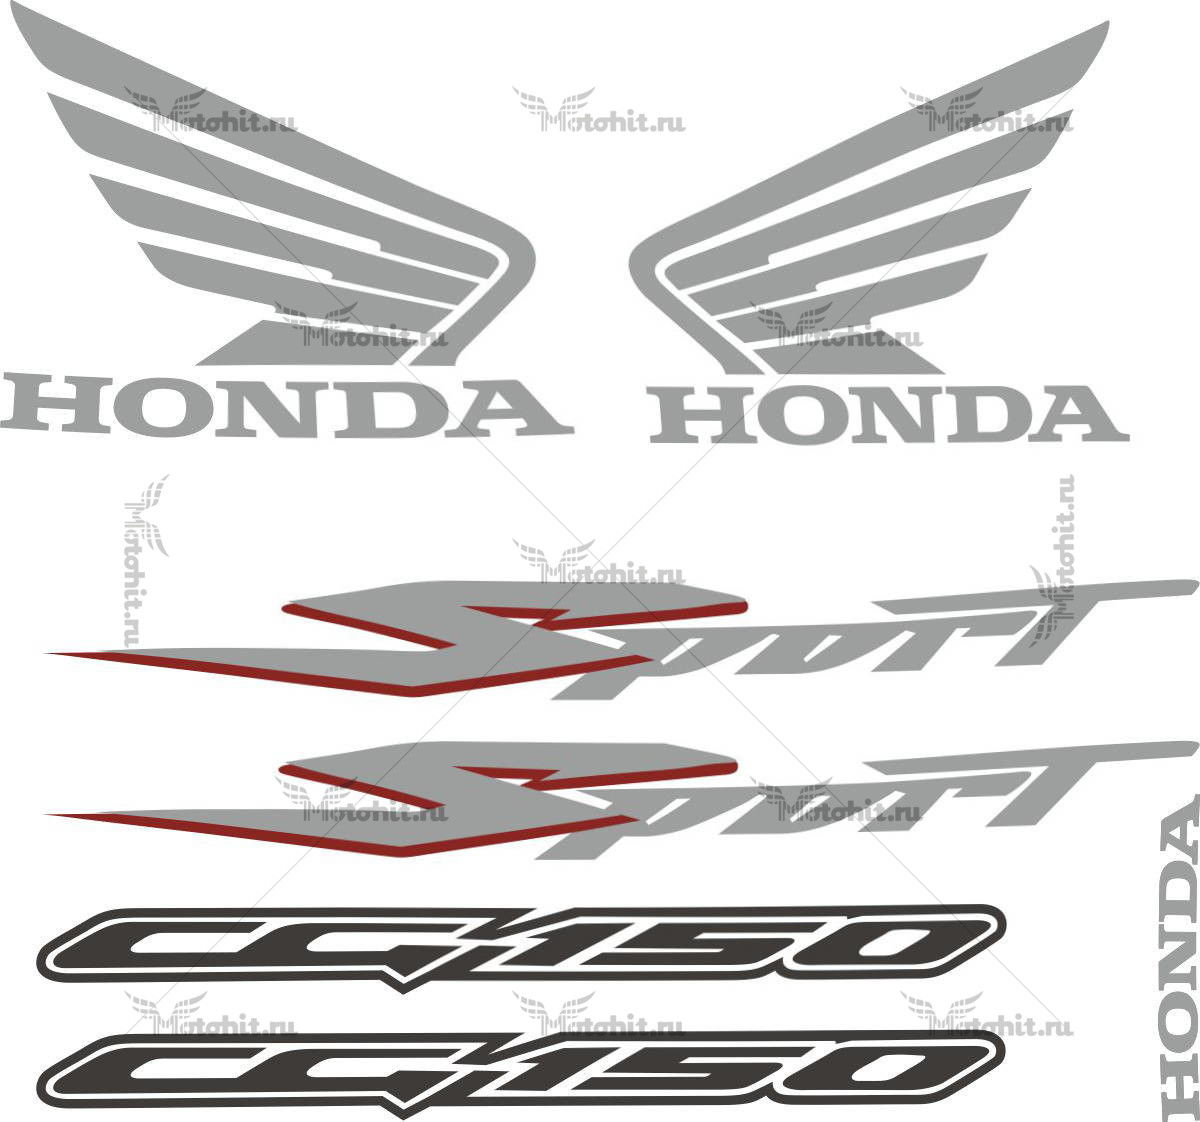 Комплект наклеек Honda CG-150 2008 ES-TITAN-SPORT